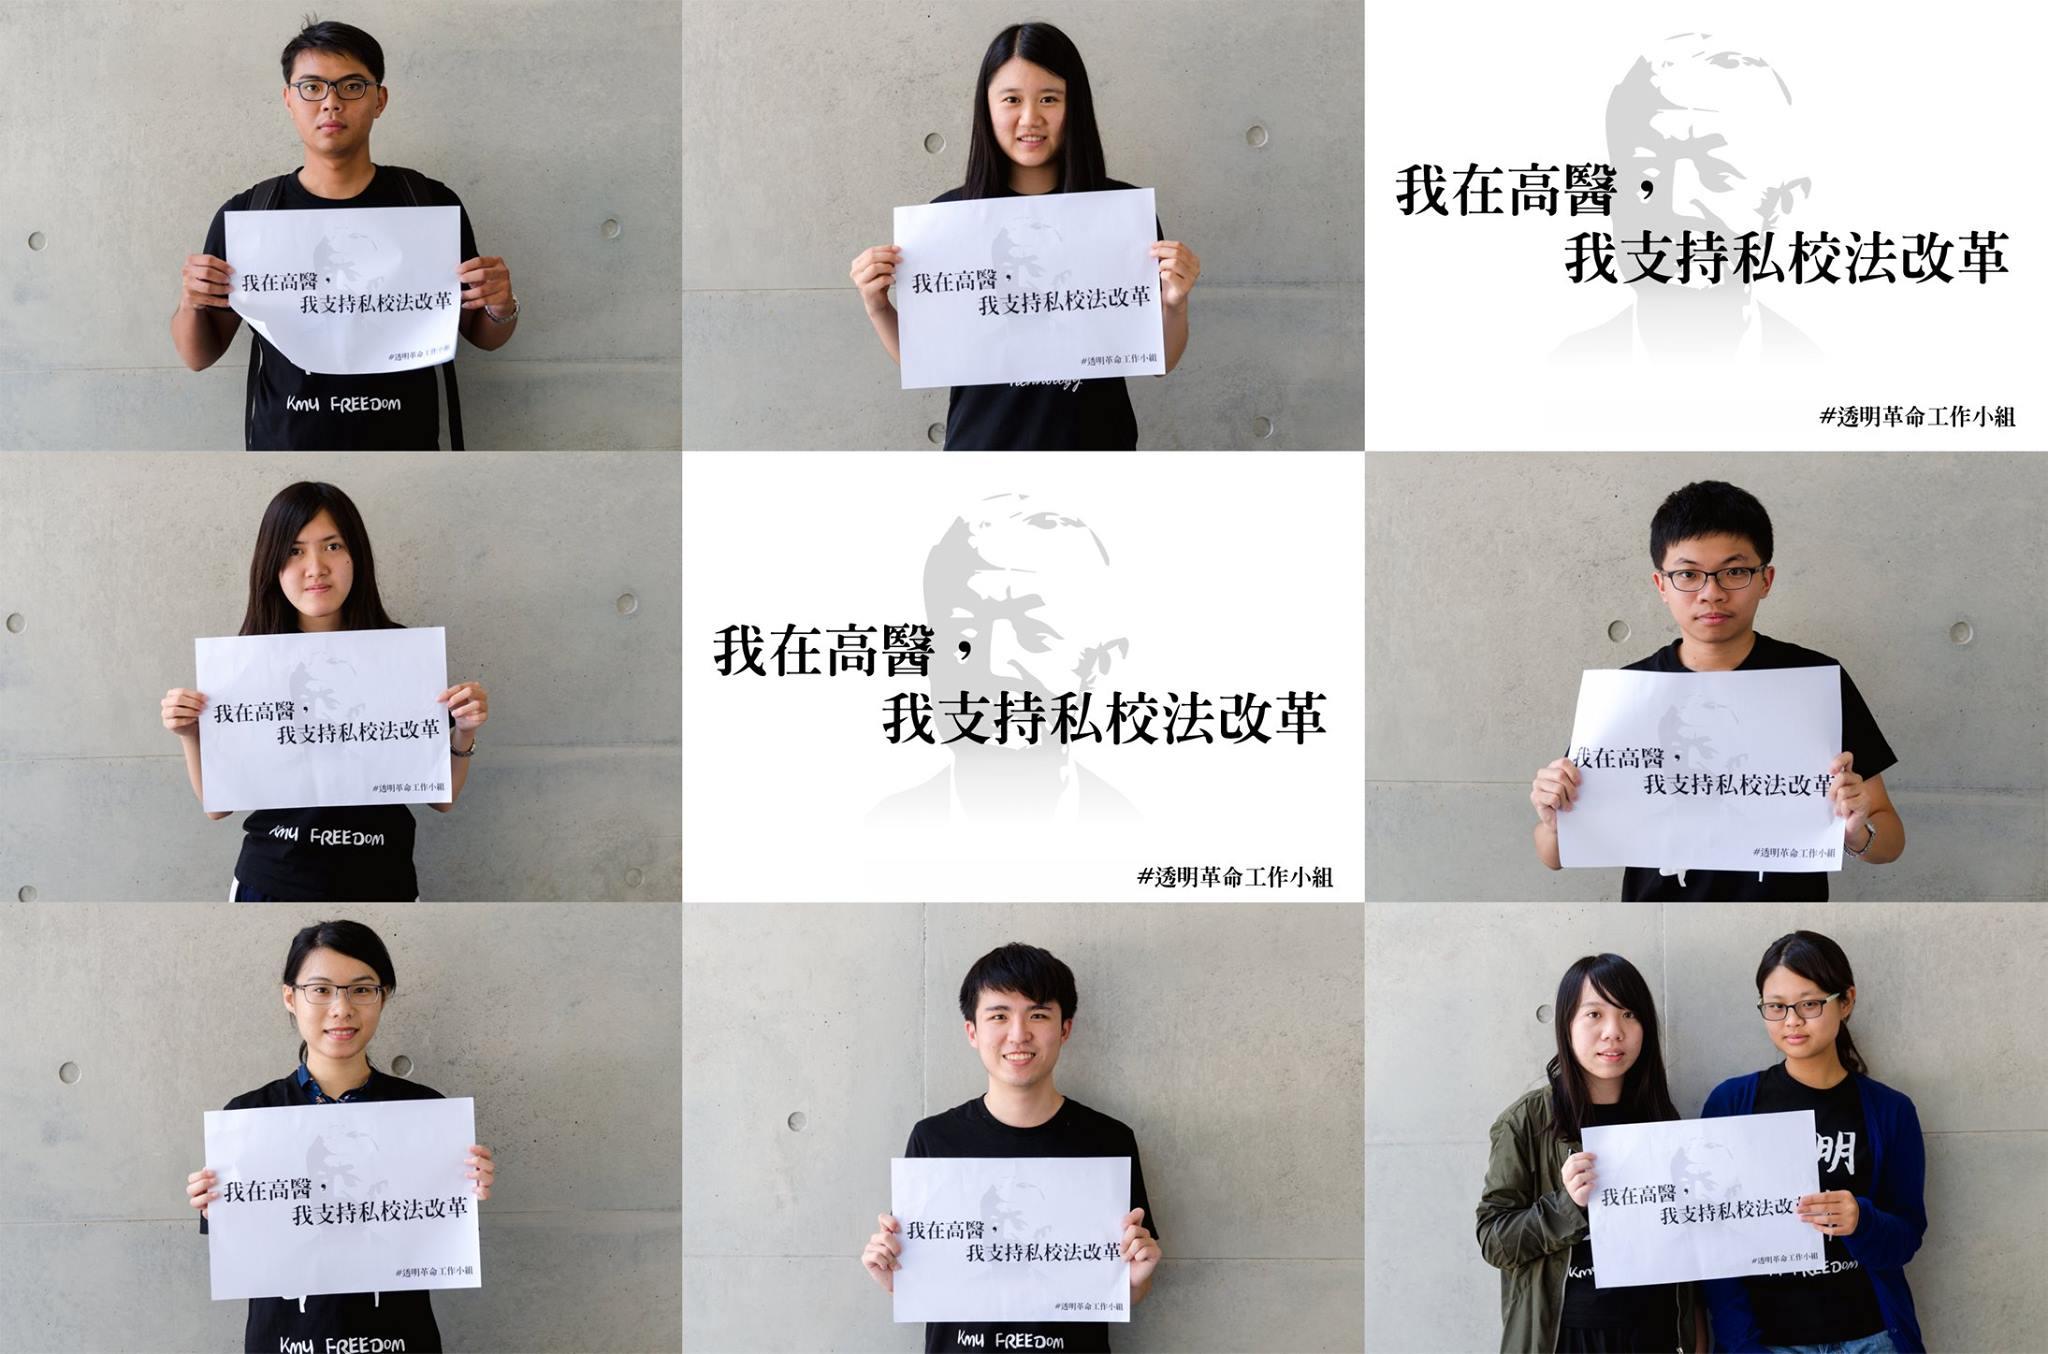 高醫大學生主動發起連署,並舉牌聲援高教工會《私校法》改革訴求。(圖片來源:「透明革命——轉型正義在高醫」提供)